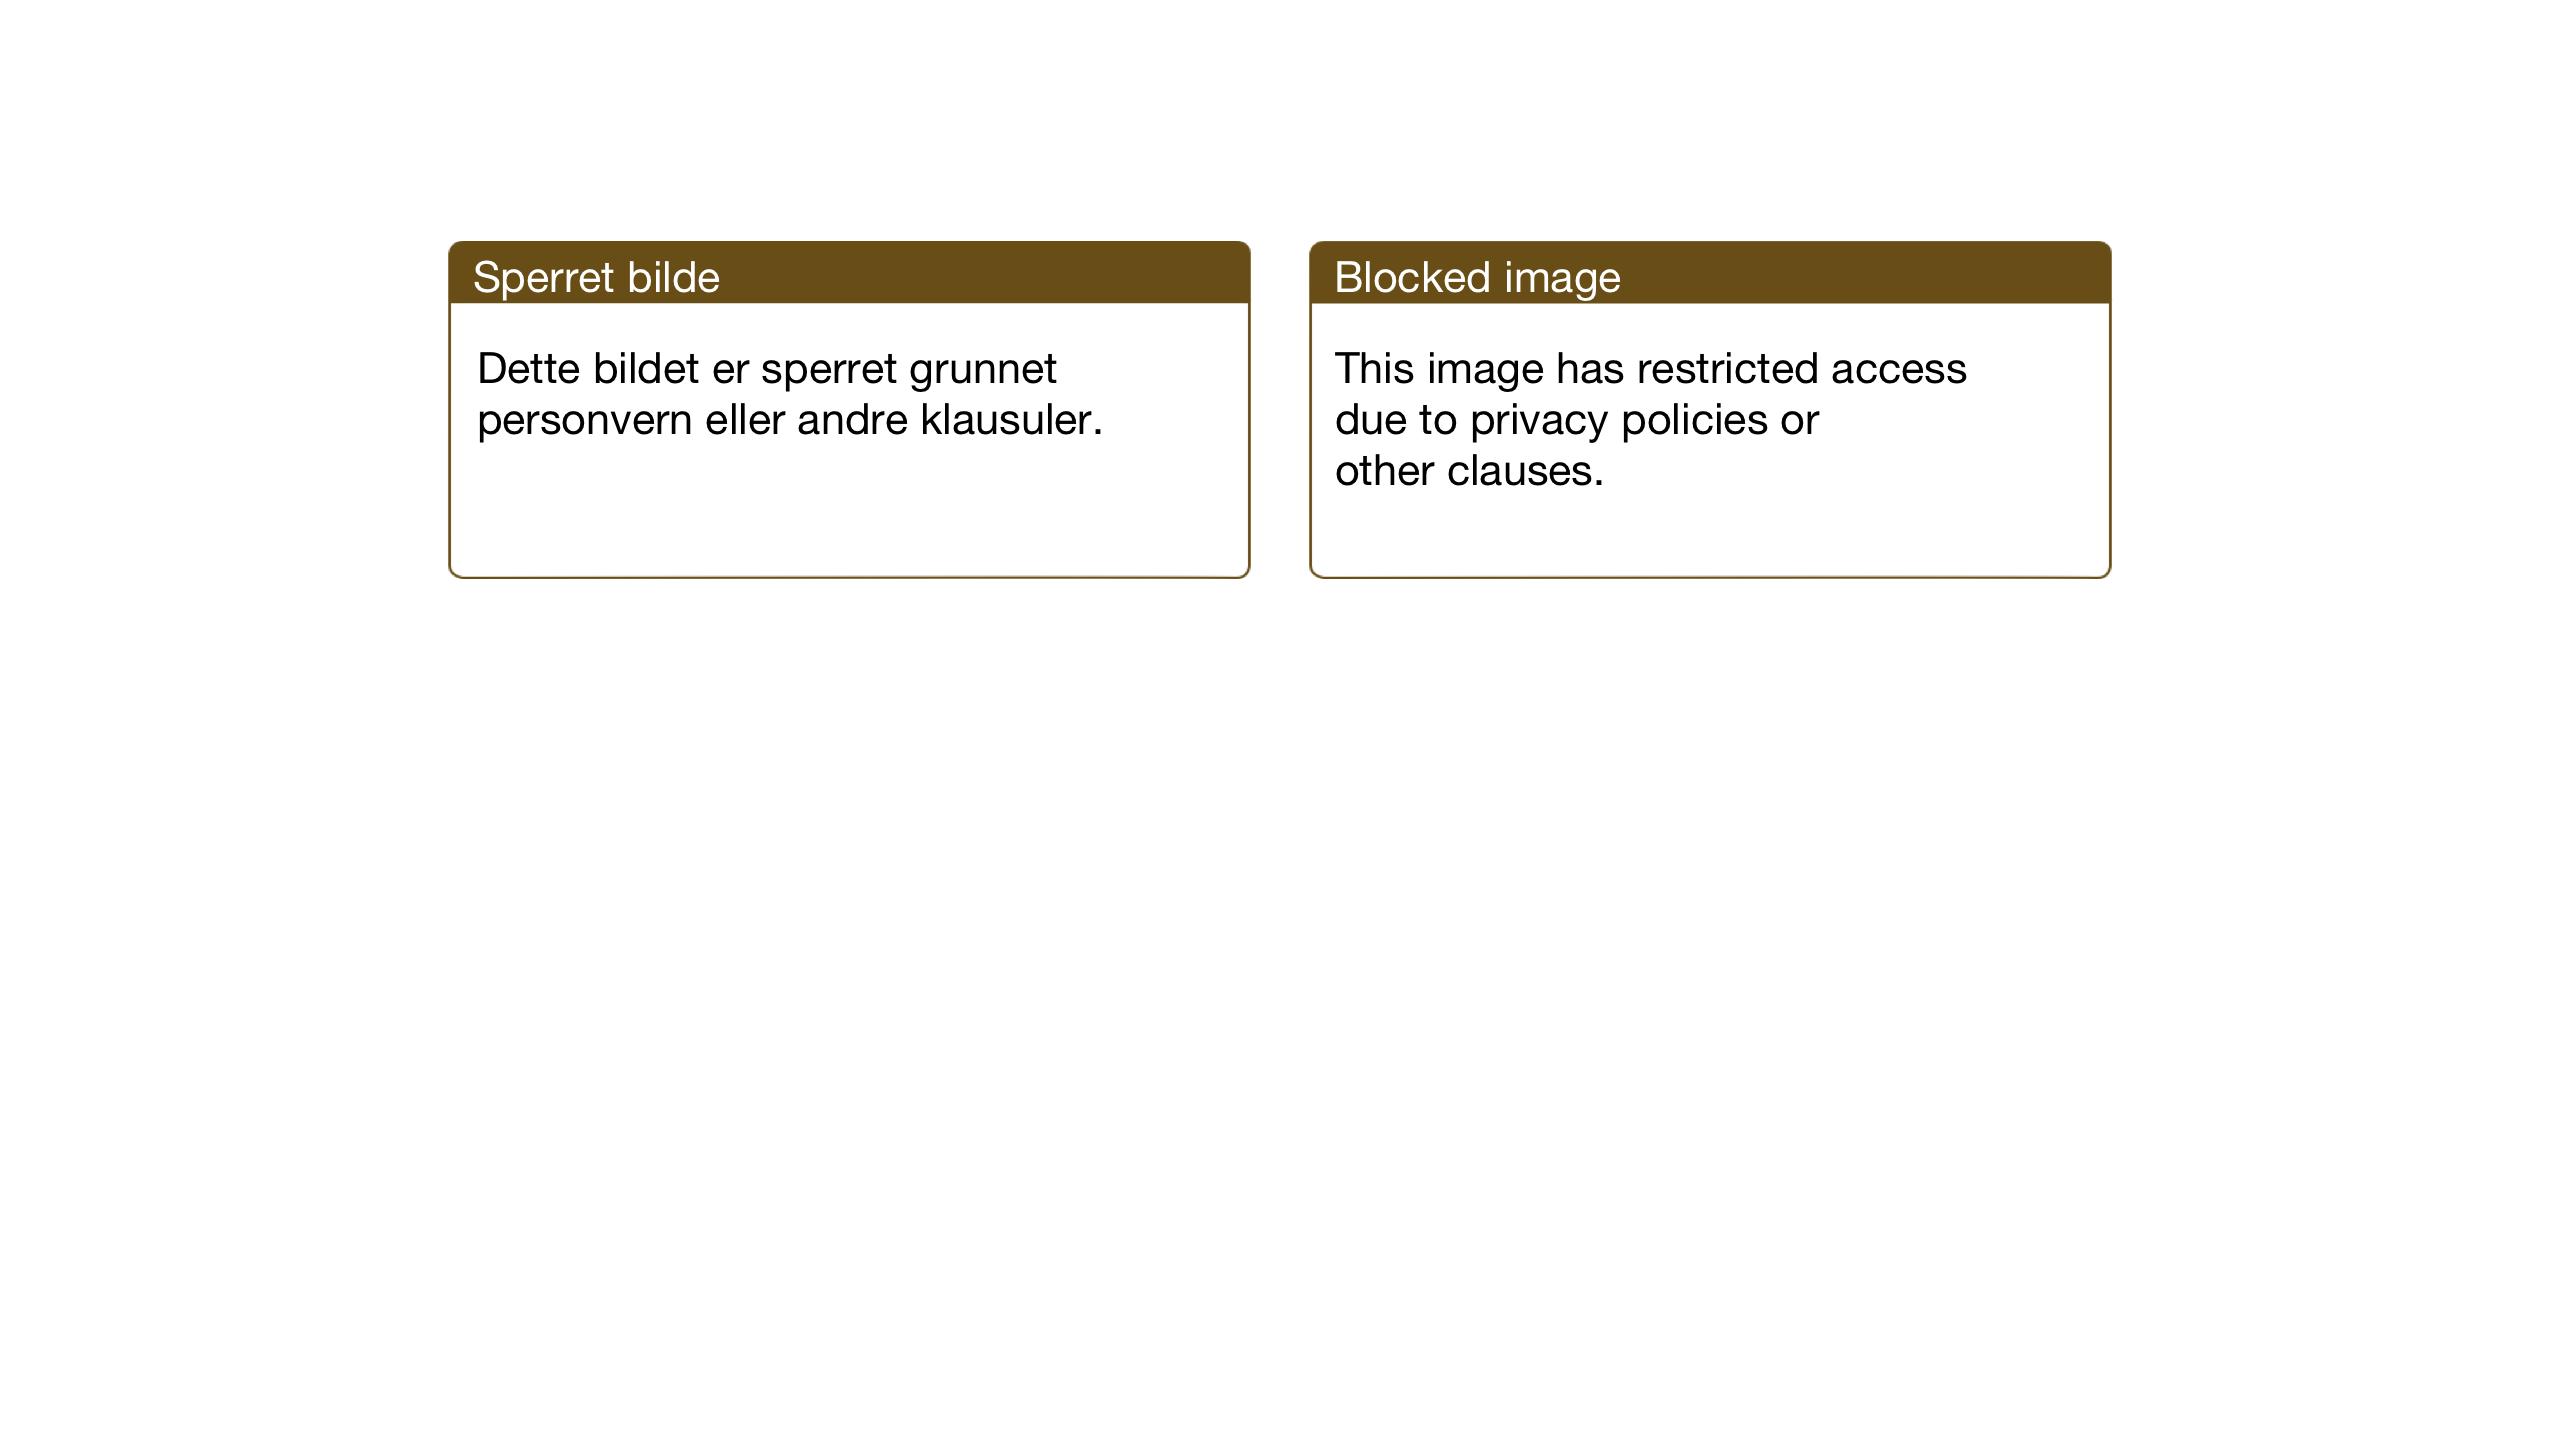 SAT, Ministerialprotokoller, klokkerbøker og fødselsregistre - Nord-Trøndelag, 709/L0089: Klokkerbok nr. 709C03, 1935-1948, s. 81